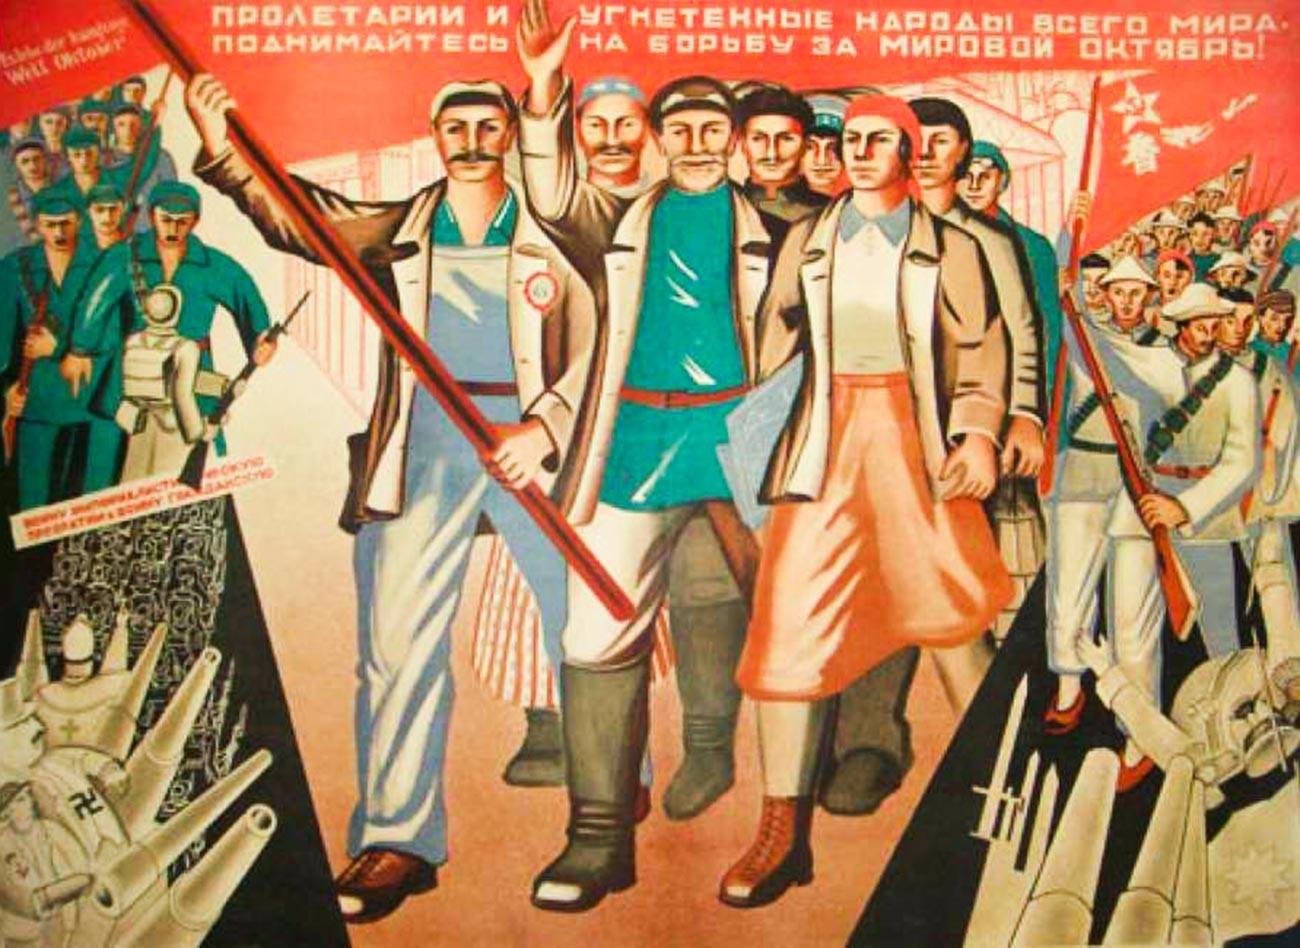 Kaum proletar dan orang-orang di suluruh dunia bangkit untuk berperang demi Oktober global!